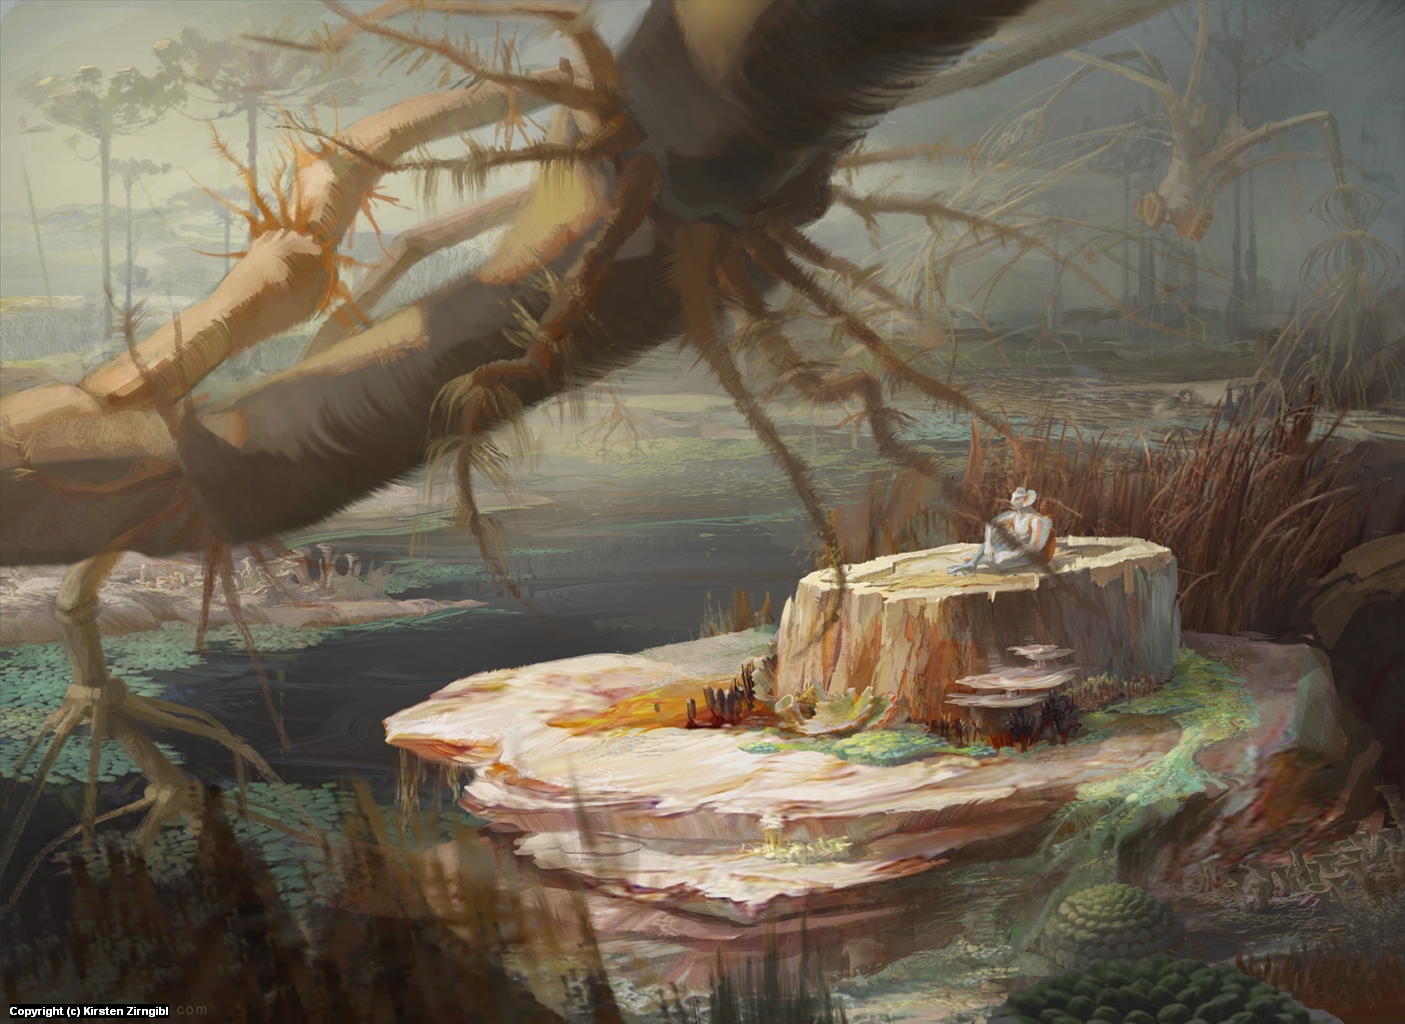 Anerimarsh Artwork by Kirsten Zirngibl